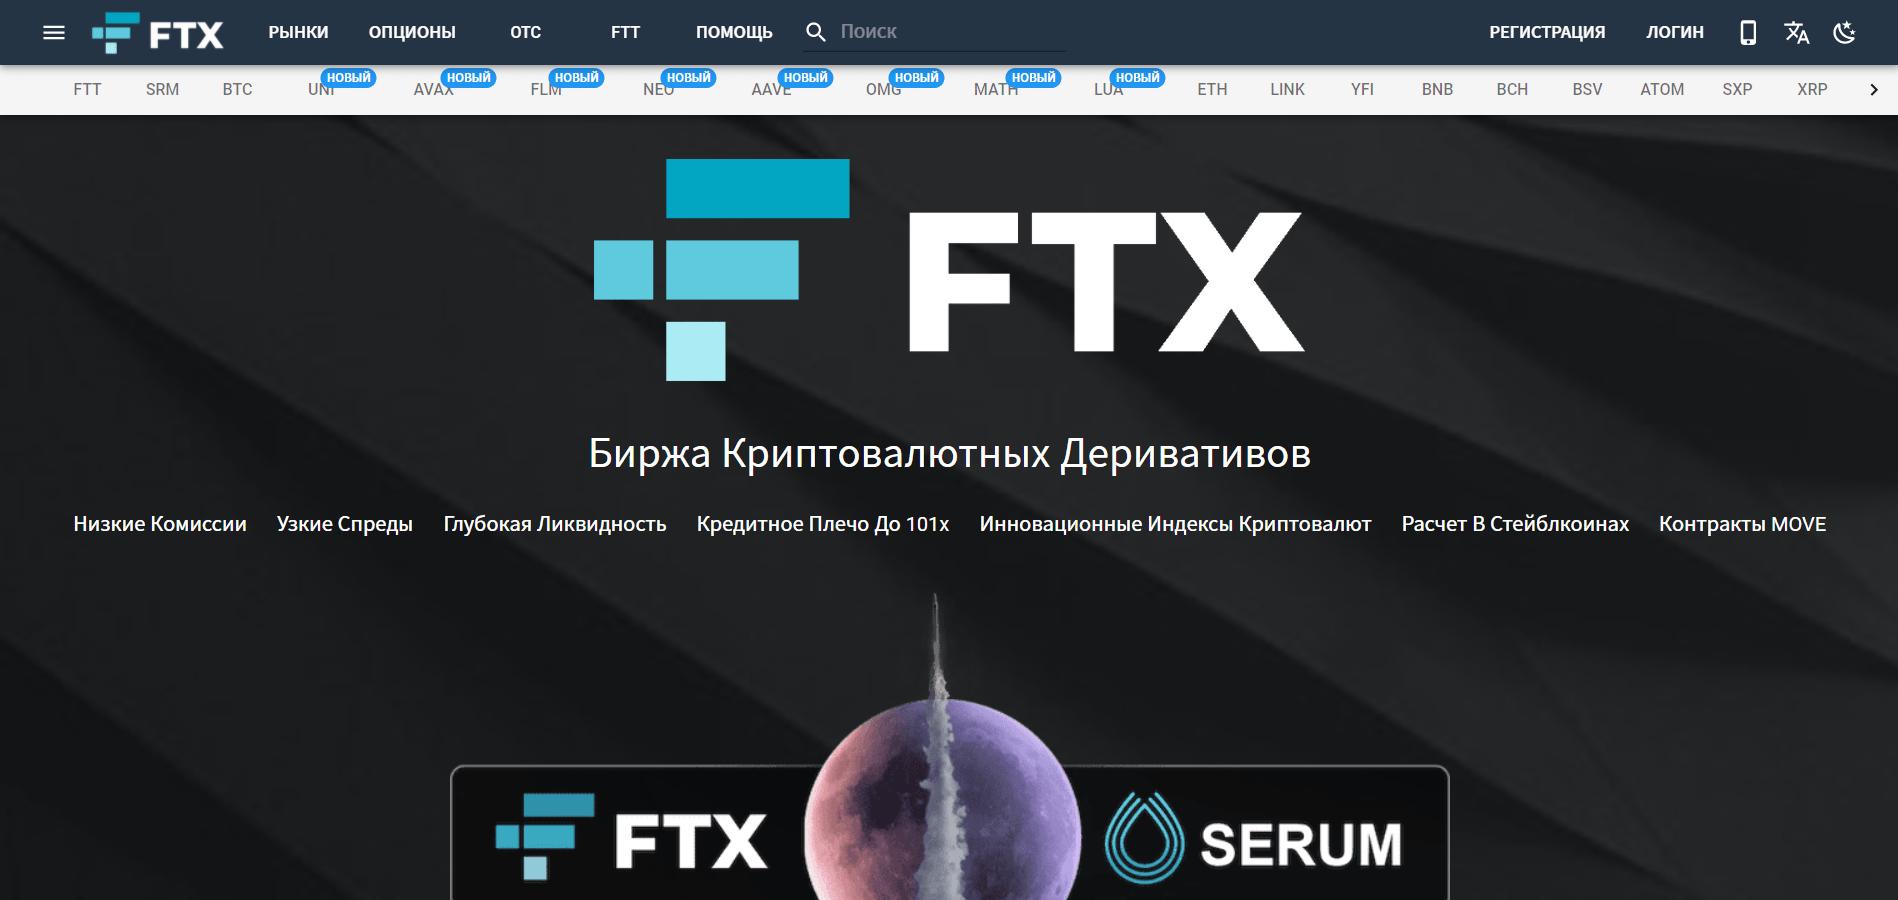 Главная страница сайта FTX